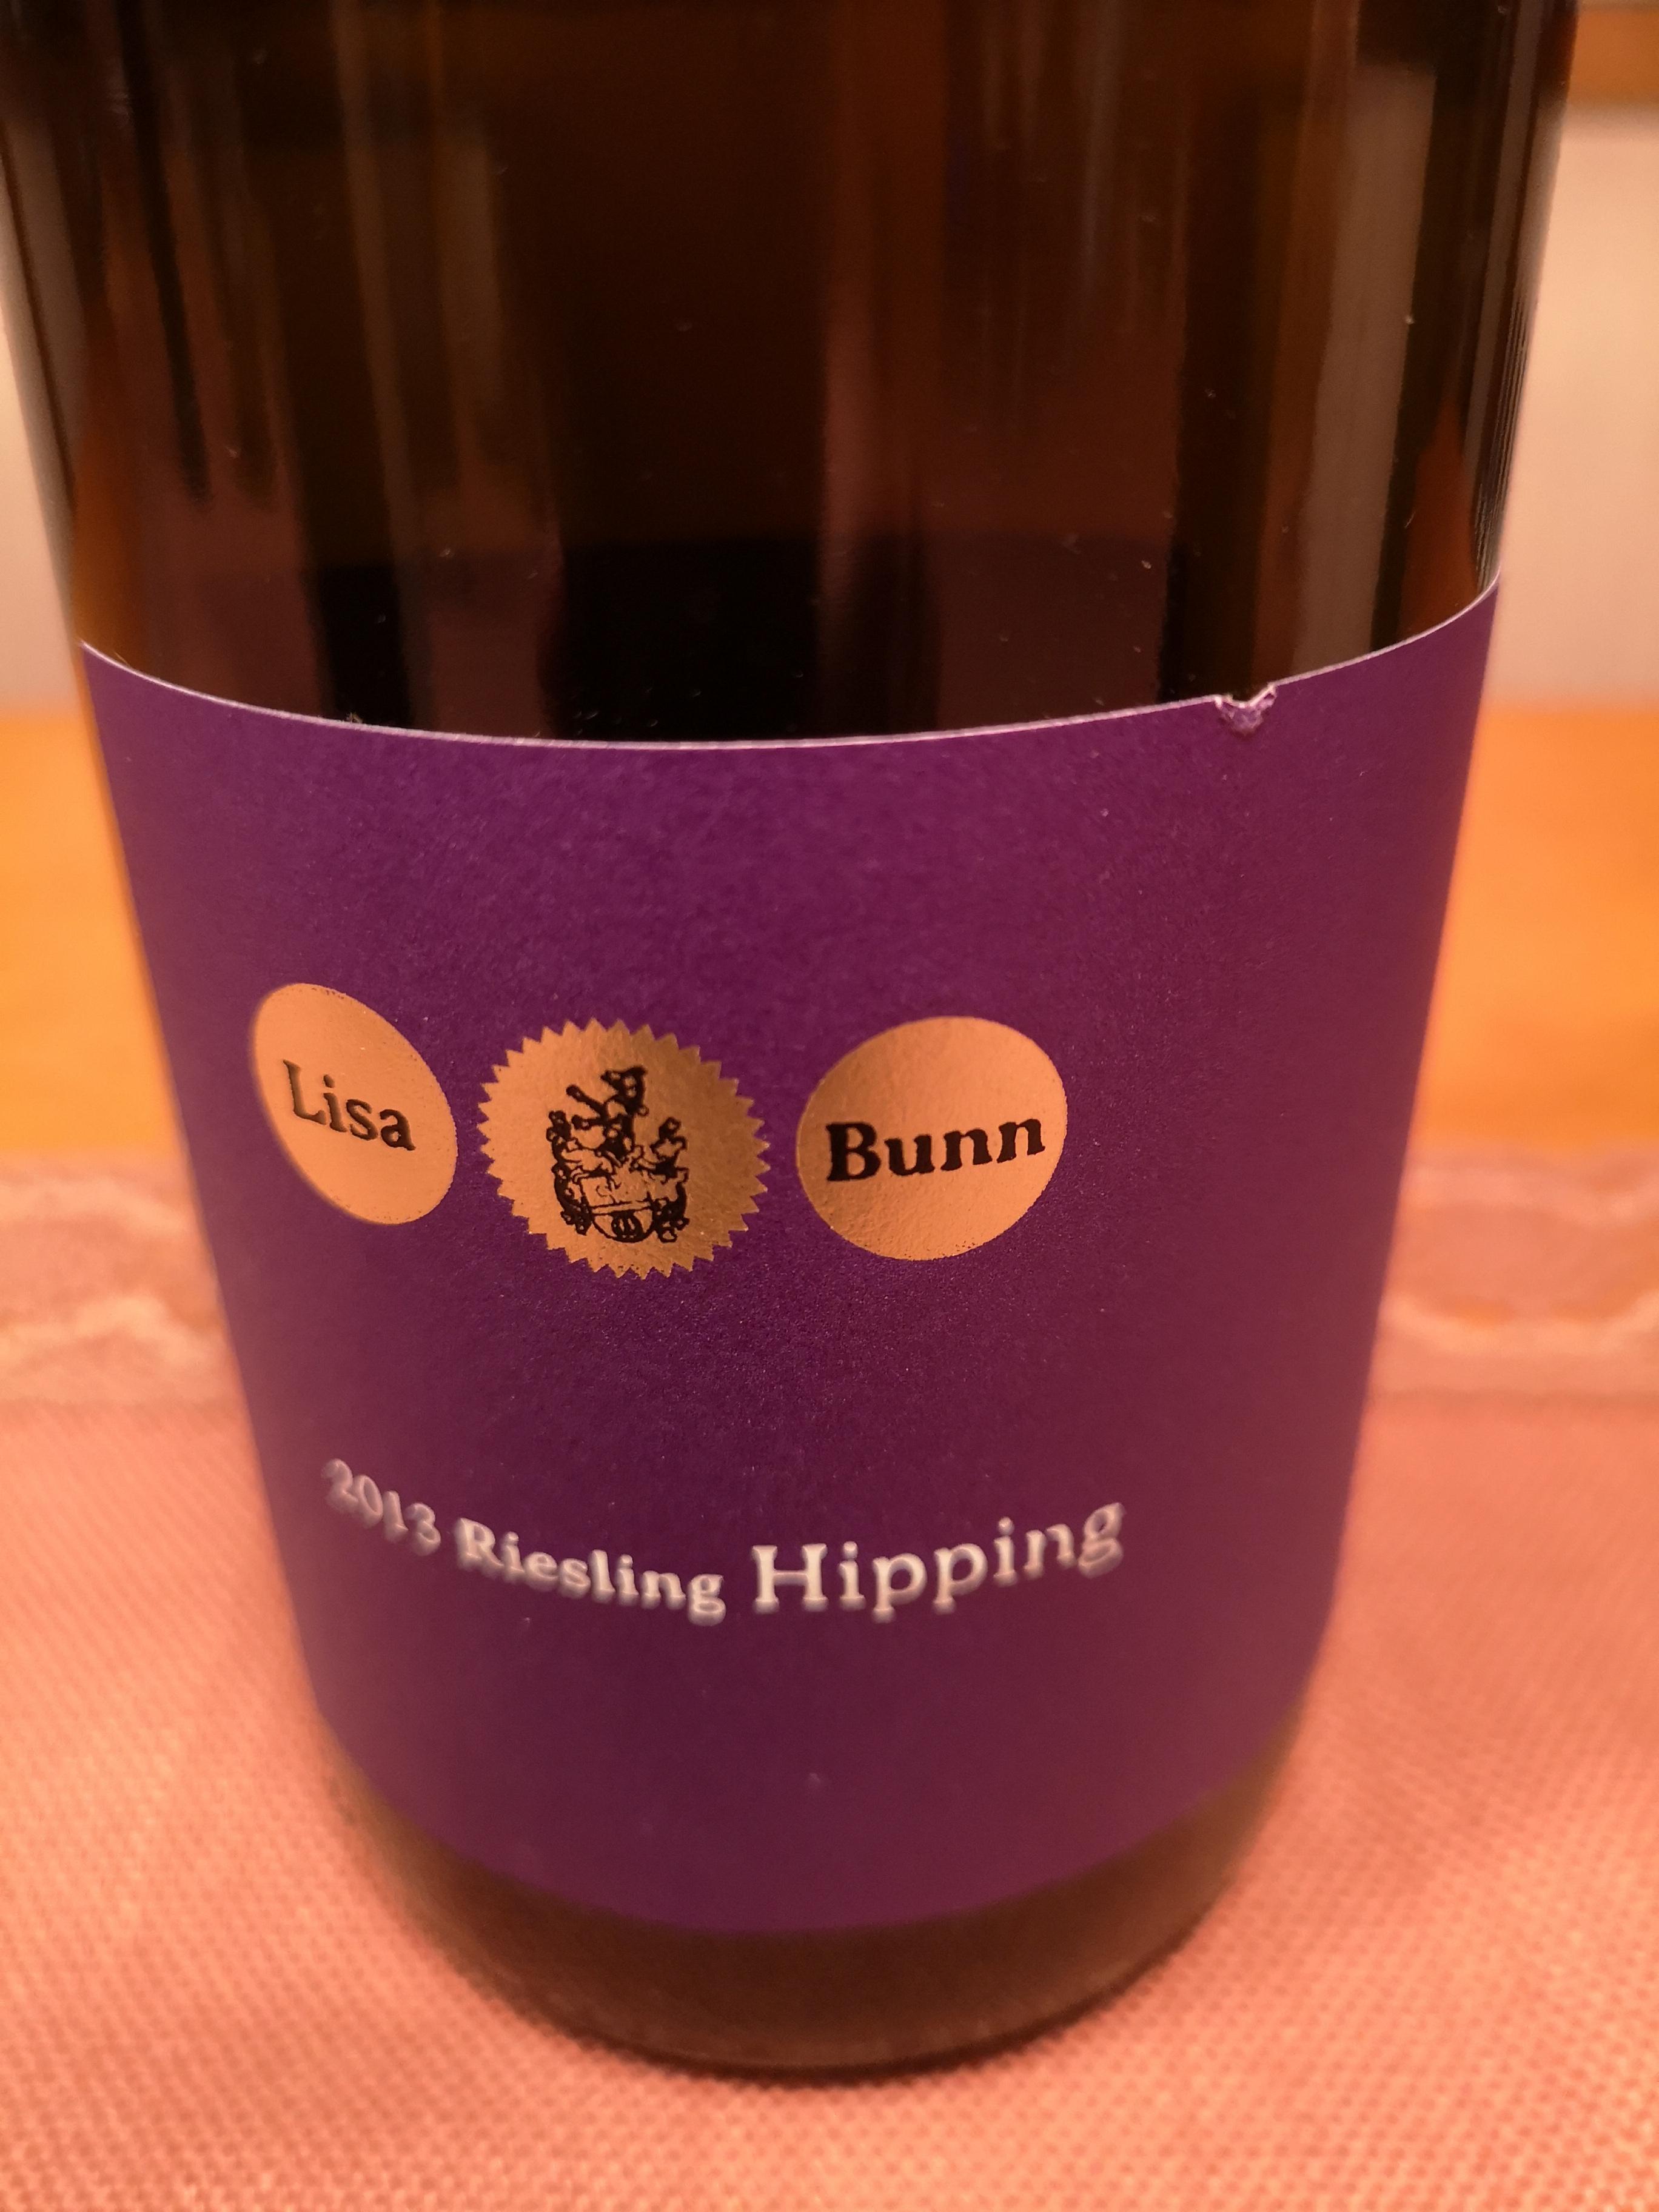 2013 Riesling Hipping   Lisa Bunn